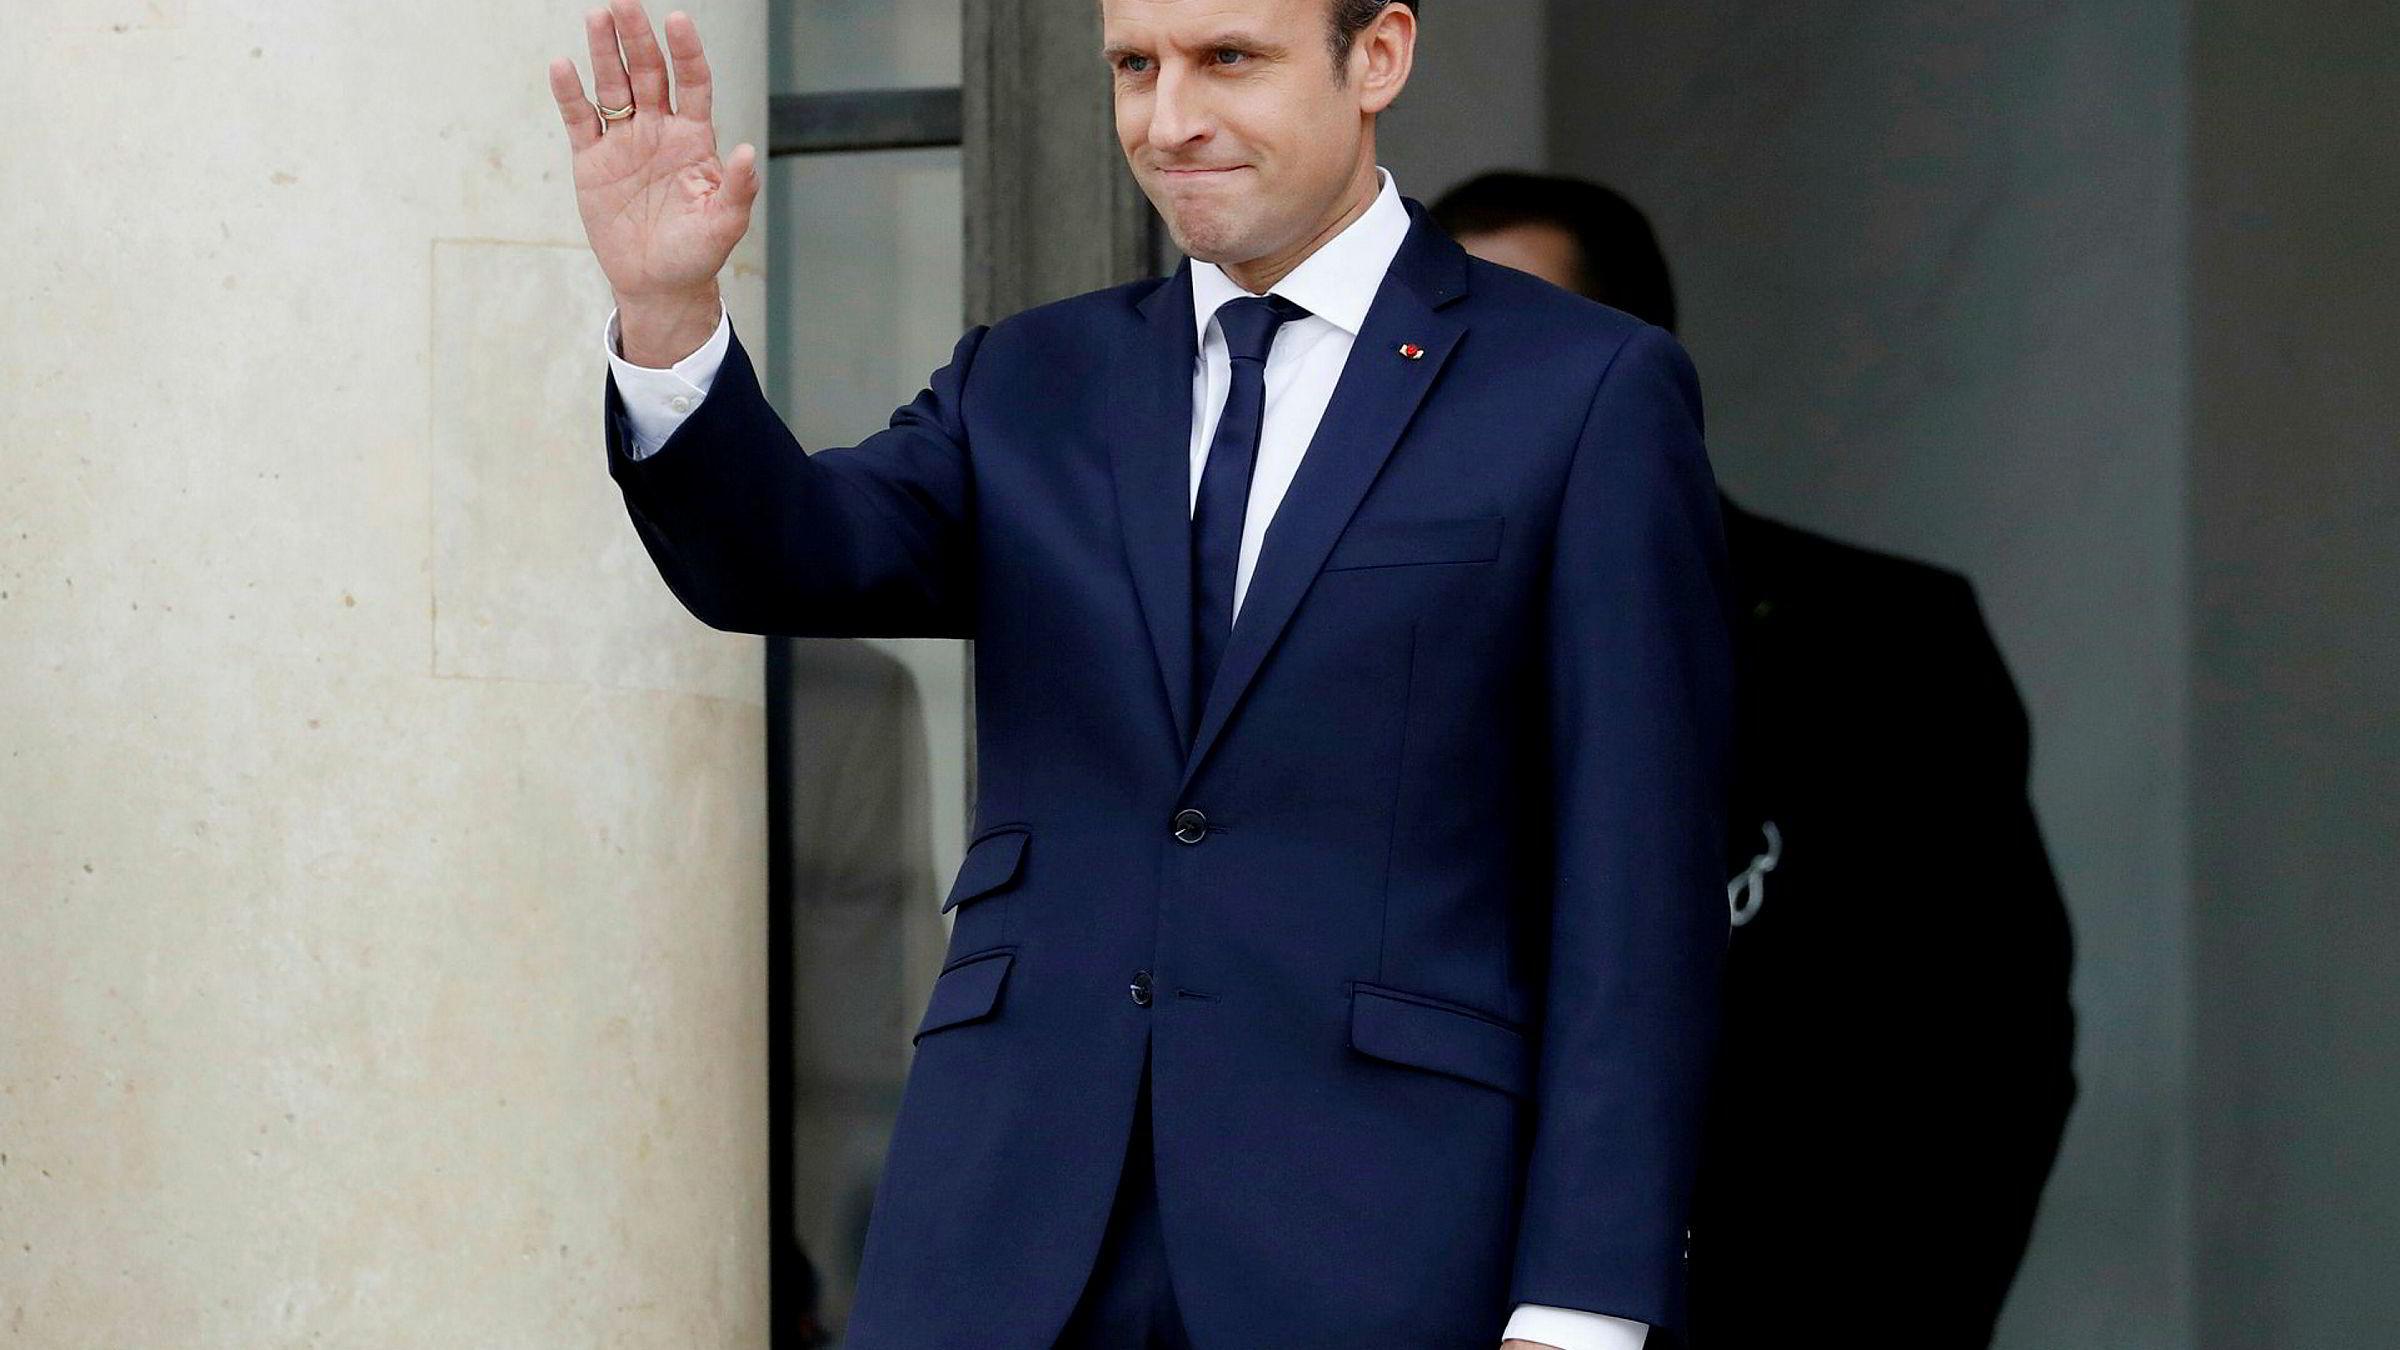 Frankrikes president Emmanuel Macron får hjelp med sminken før offentlige opptredener. Det har sin pris.